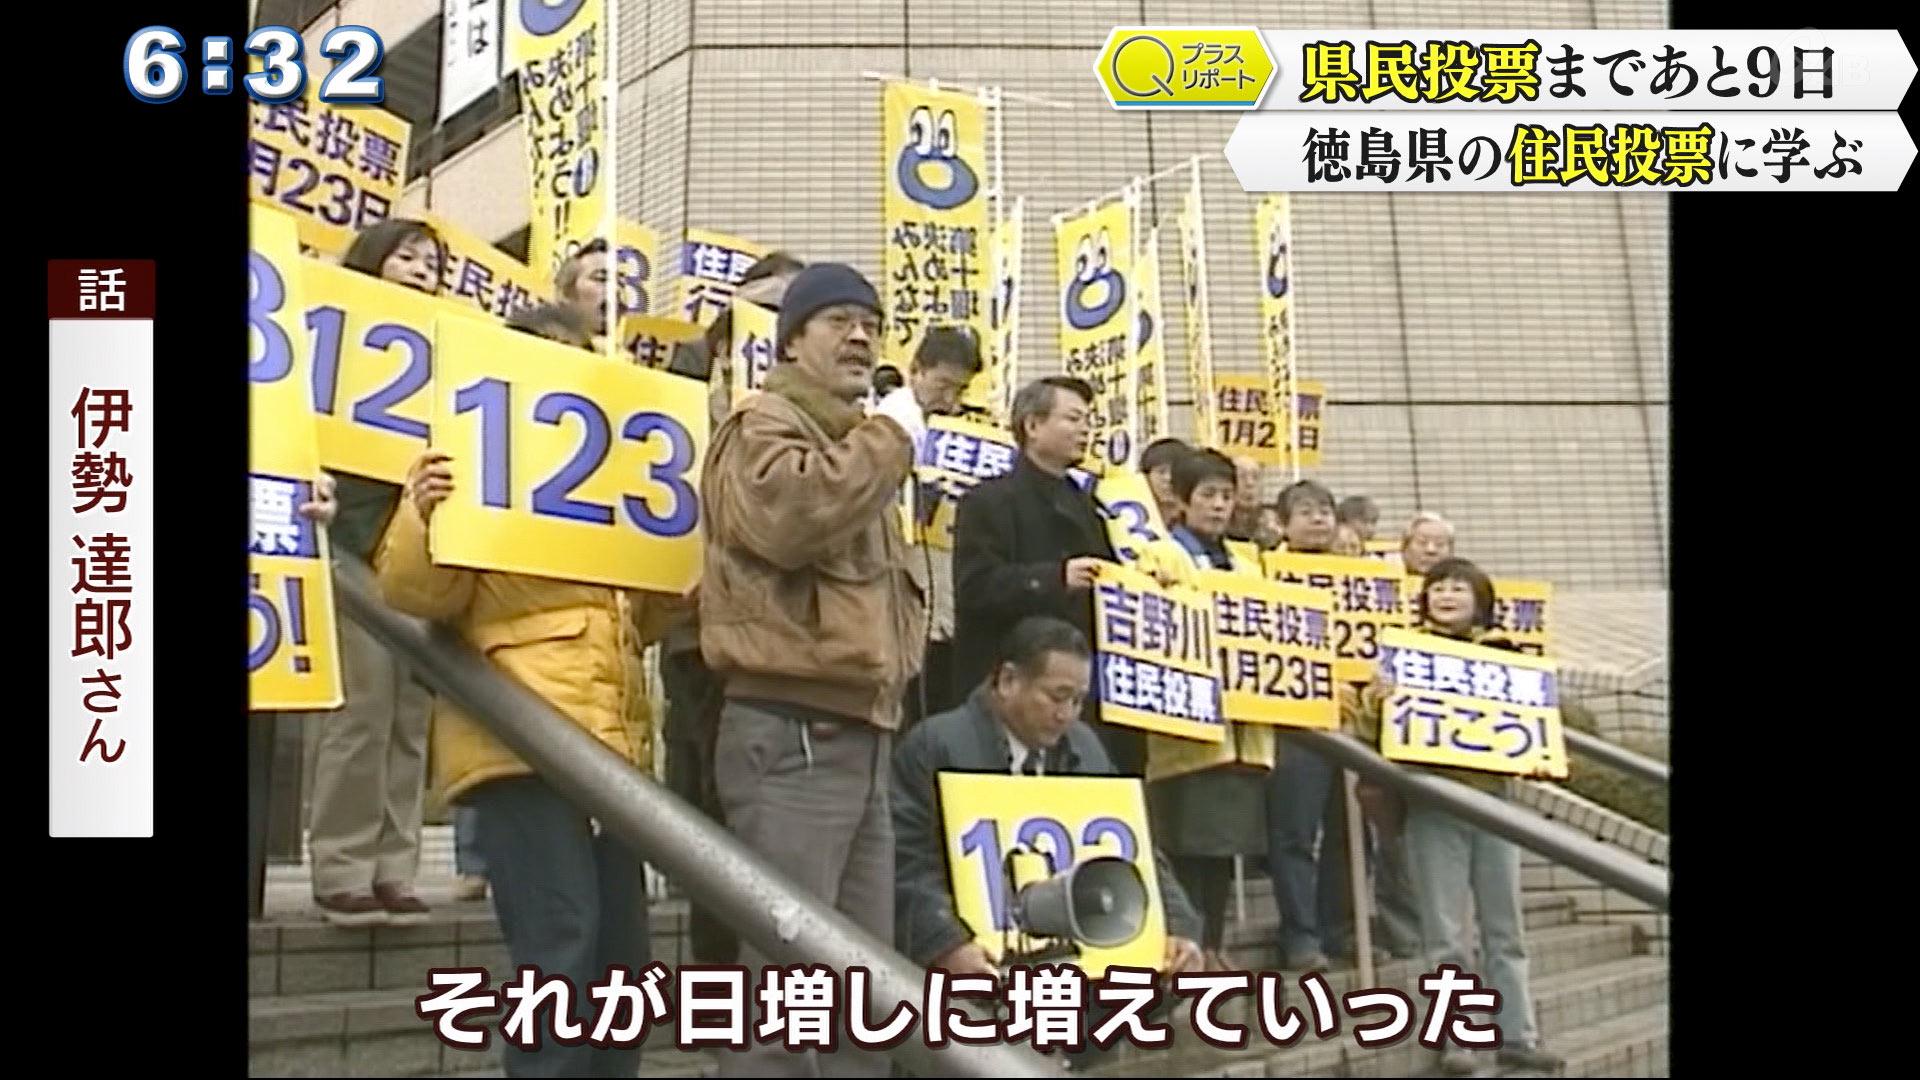 県民投票「沖縄を応援したい」徳島からのエール